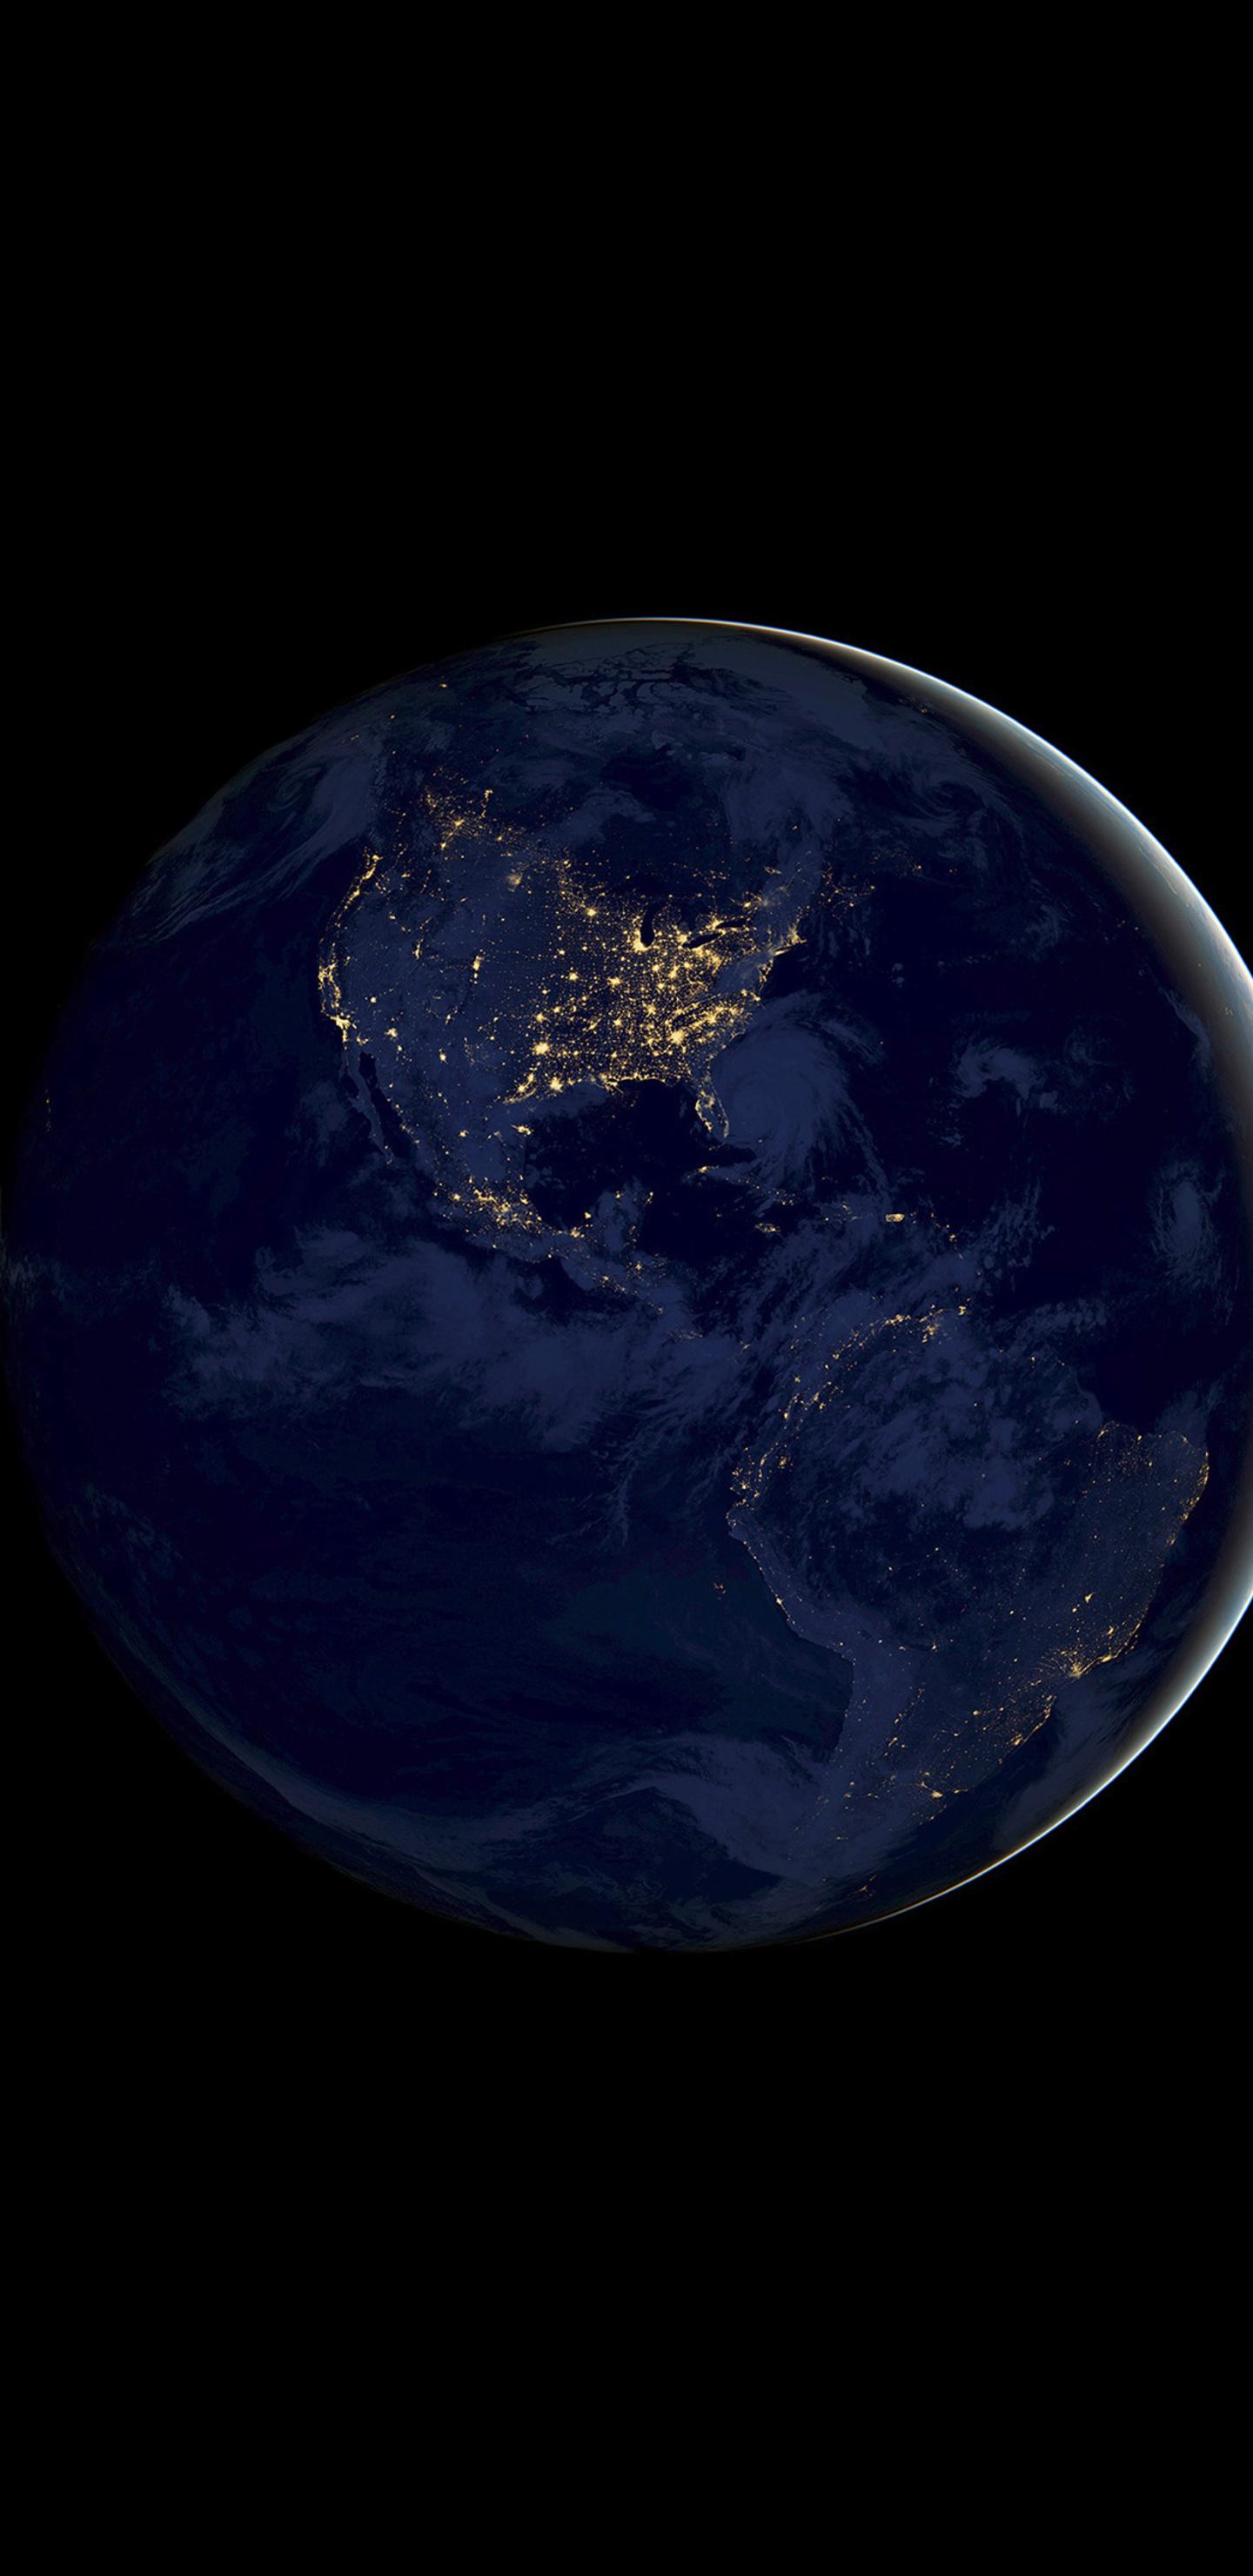 1440x2960 Ios 11 Earth Night 4k Samsung Galaxy Note 9 8 S9